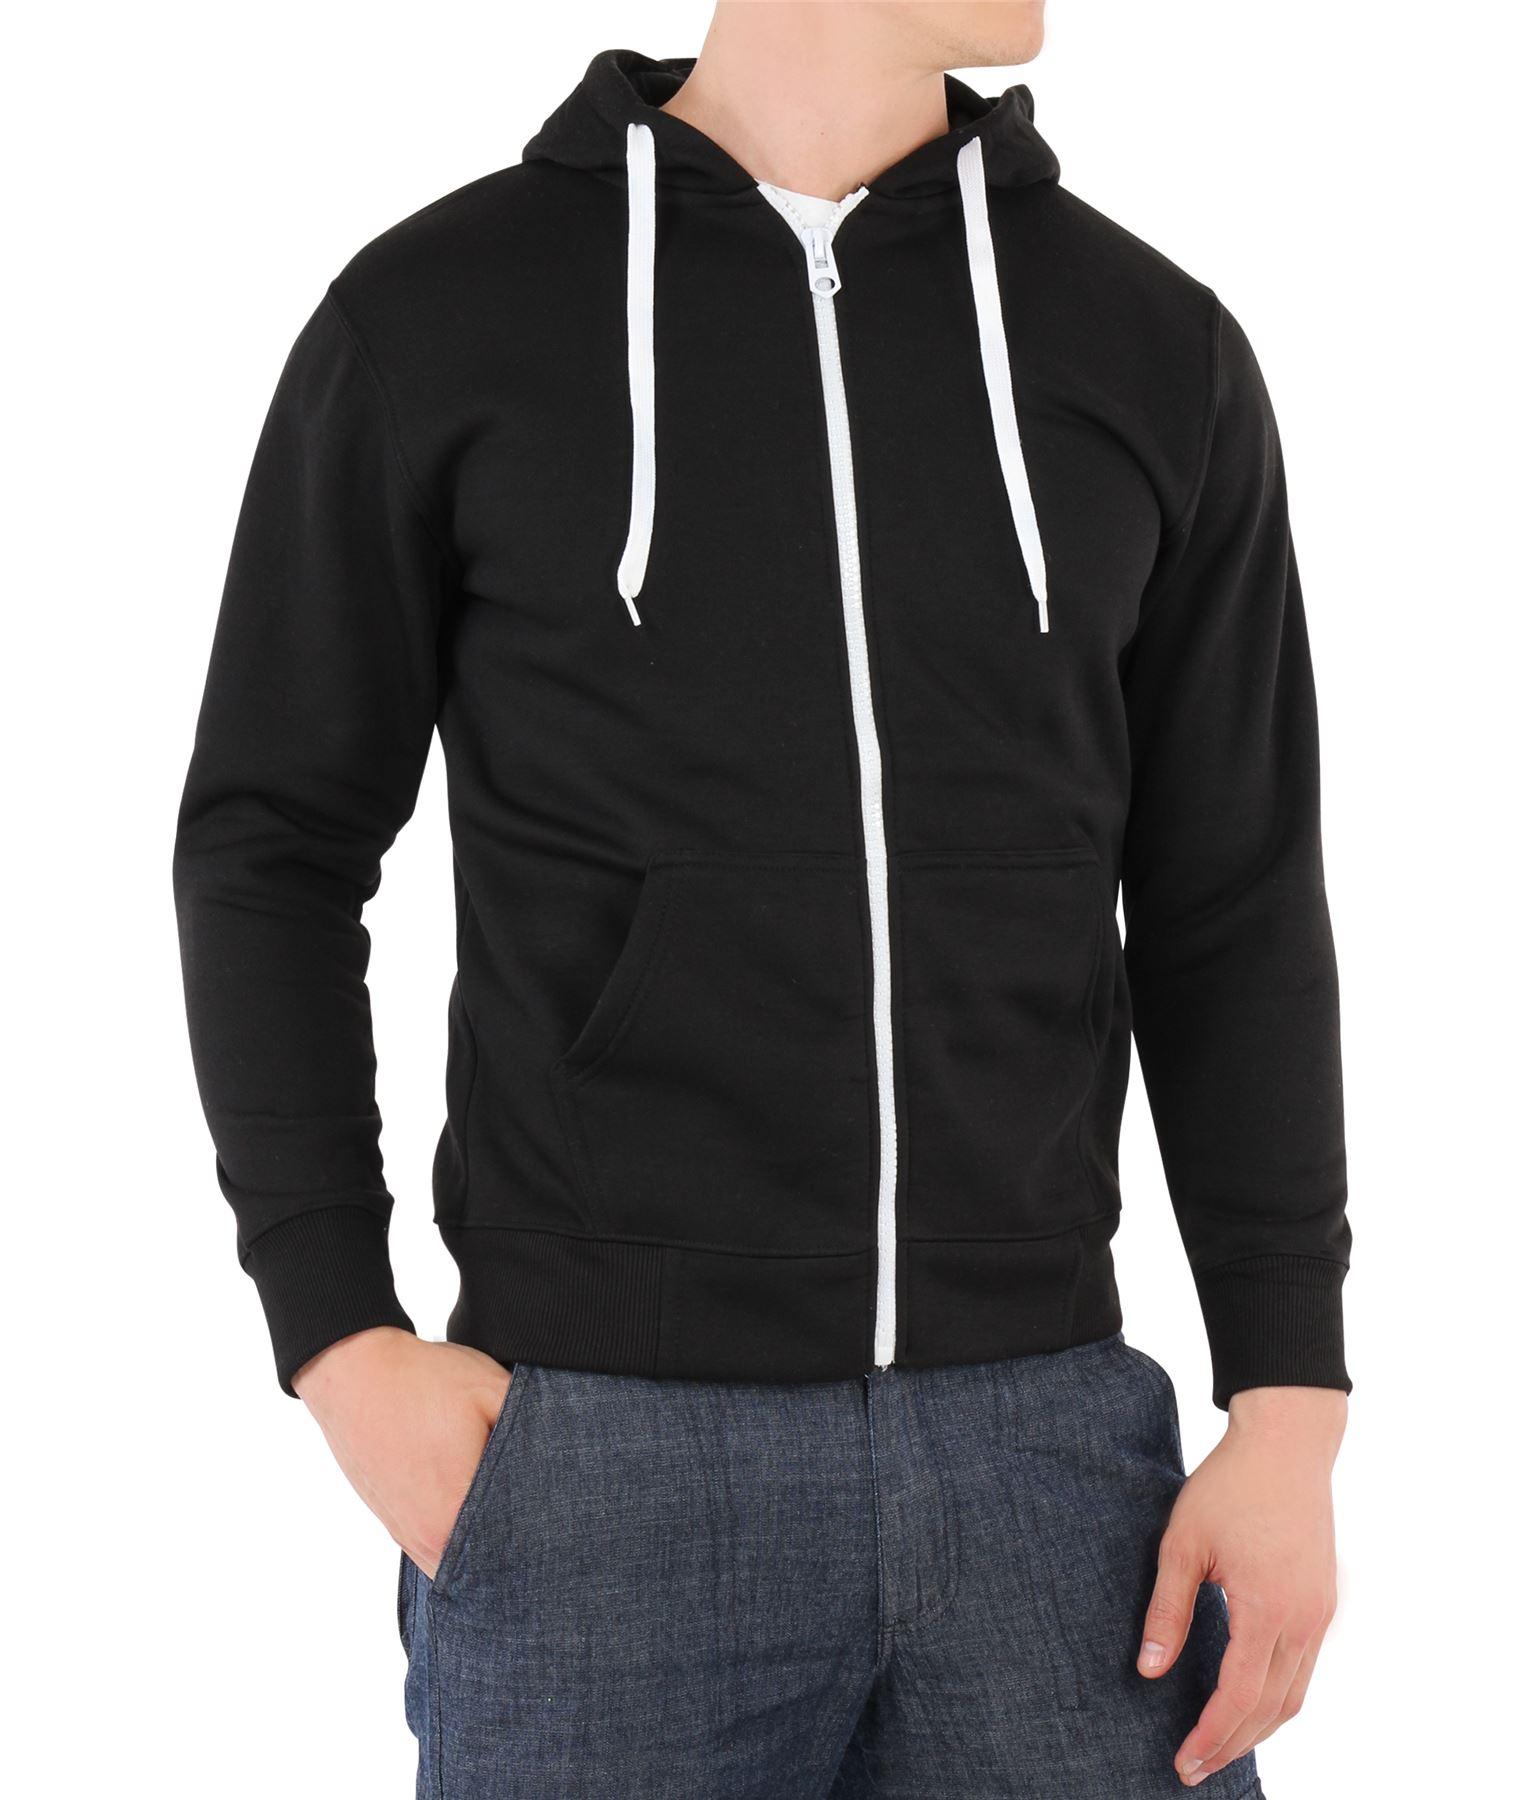 20f8f89446c8 Populaire Sweatshirt Pull Homme Uni Capuche Fermeture Éclair Sport WG35